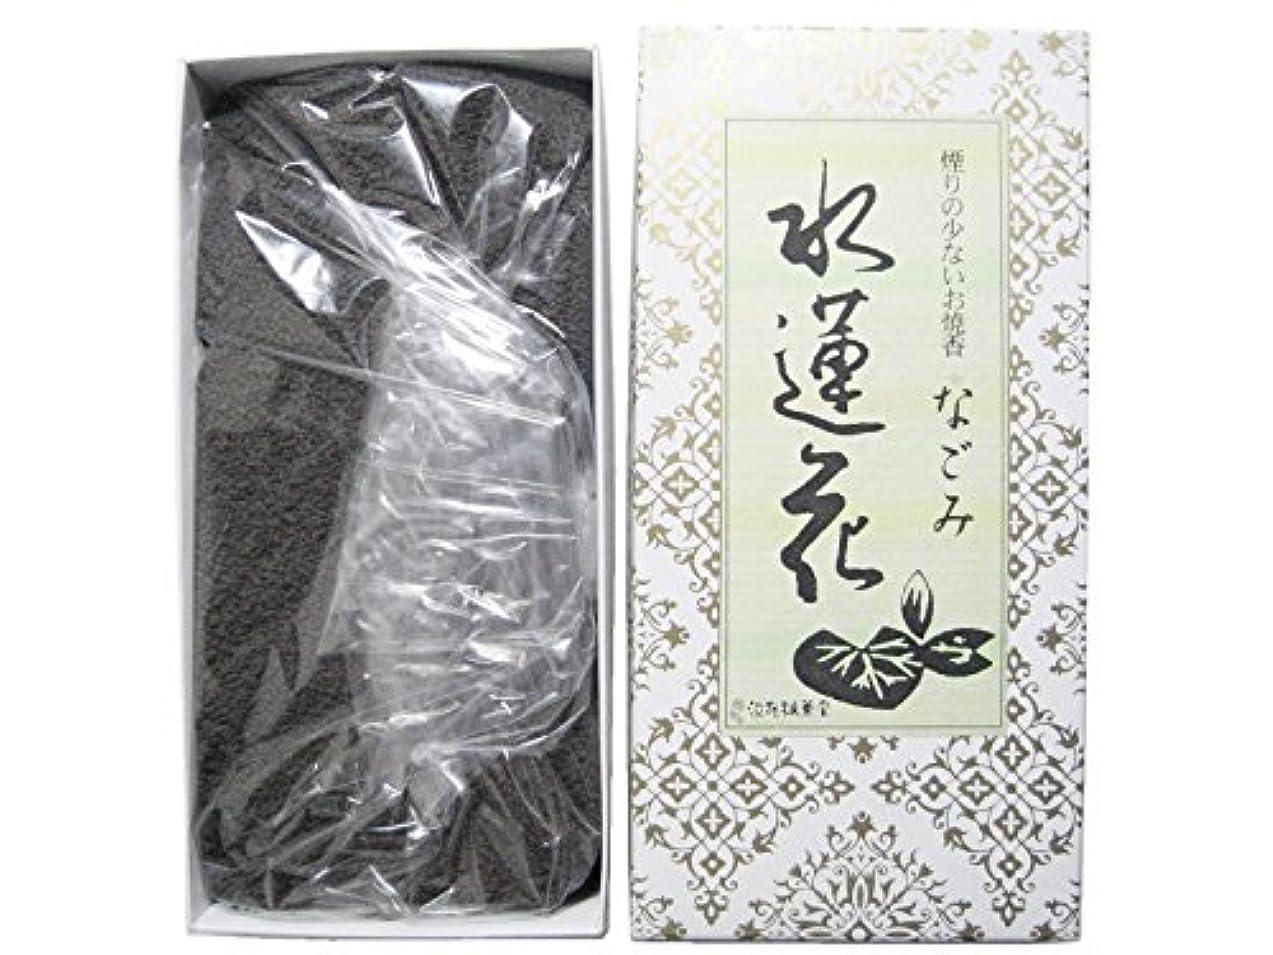 時系列飢えた冒険家淡路梅薫堂のお香 煙の少ないお焼香 なごみ 水蓮花 500g×15箱 #931